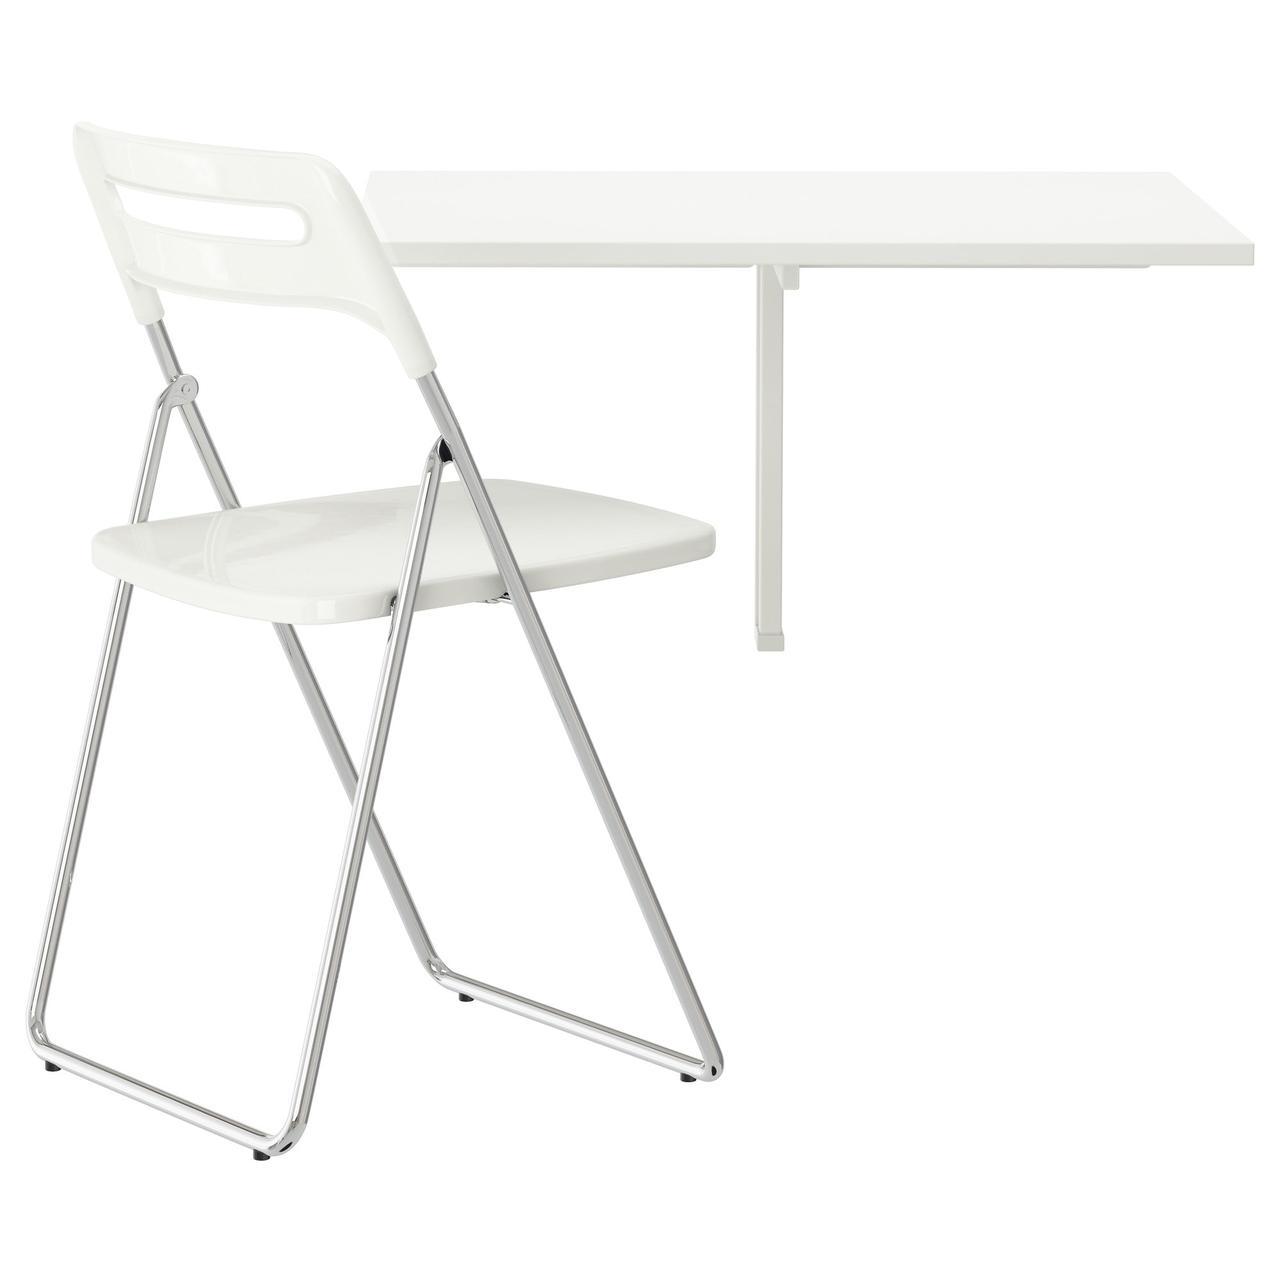 НОРБЕРГ / НИССЕ Стол и 1 стул, белый, хромированный белый